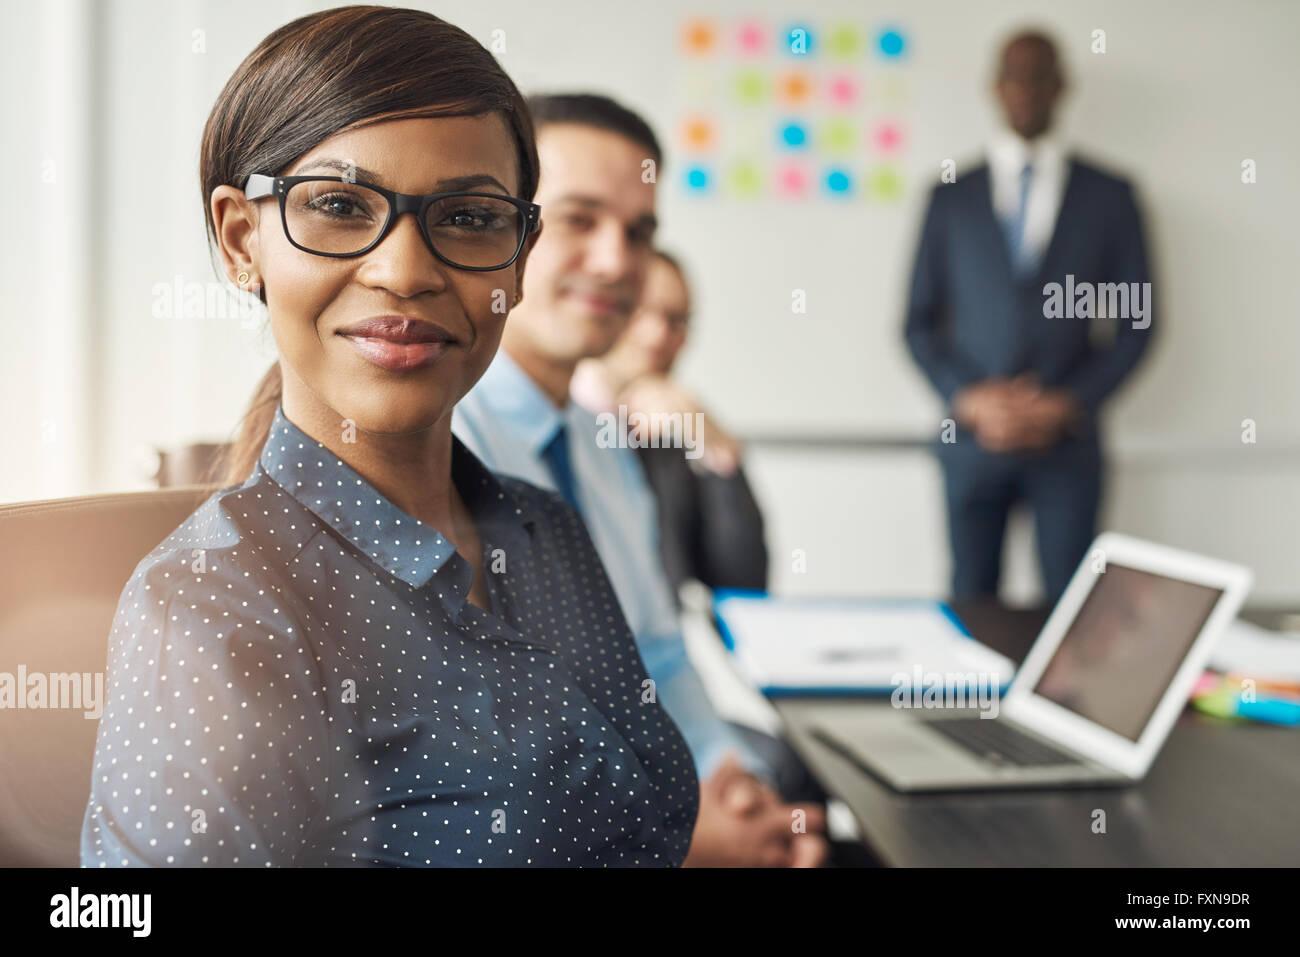 Hermosa mujer alegre y profesional el uso de anteojos sentado con sus compañeros de trabajo y jefe de equipo Imagen De Stock